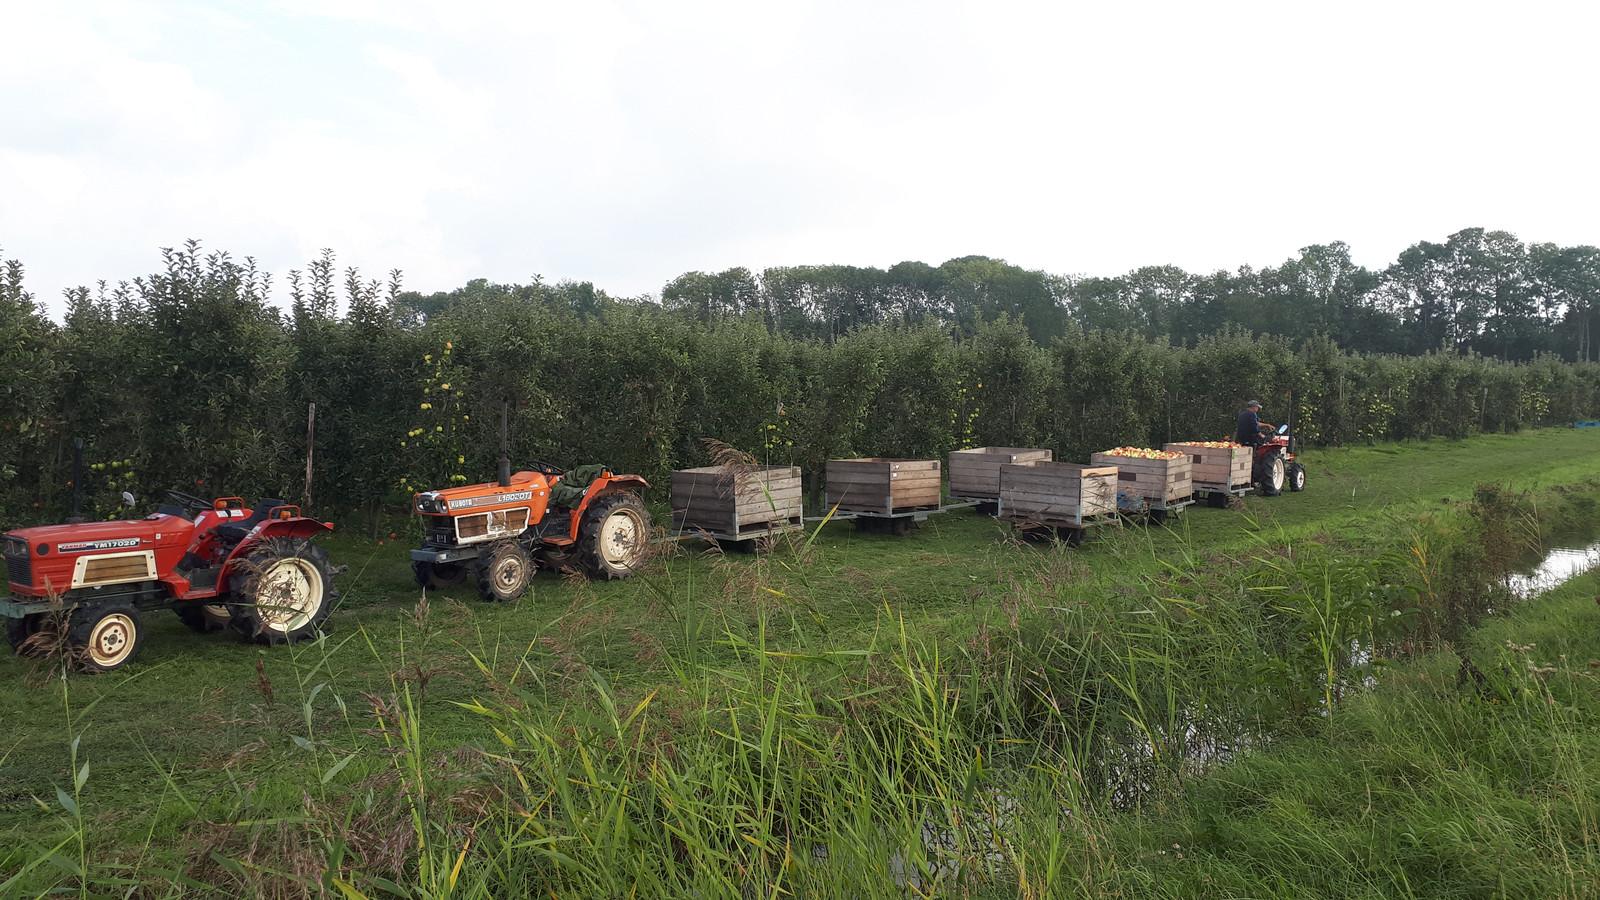 Maandag zijn de mannen en vrouwen gewoon weer appels aan het plukken. Soortgelijke karretjes en tractors zijn gestolen.